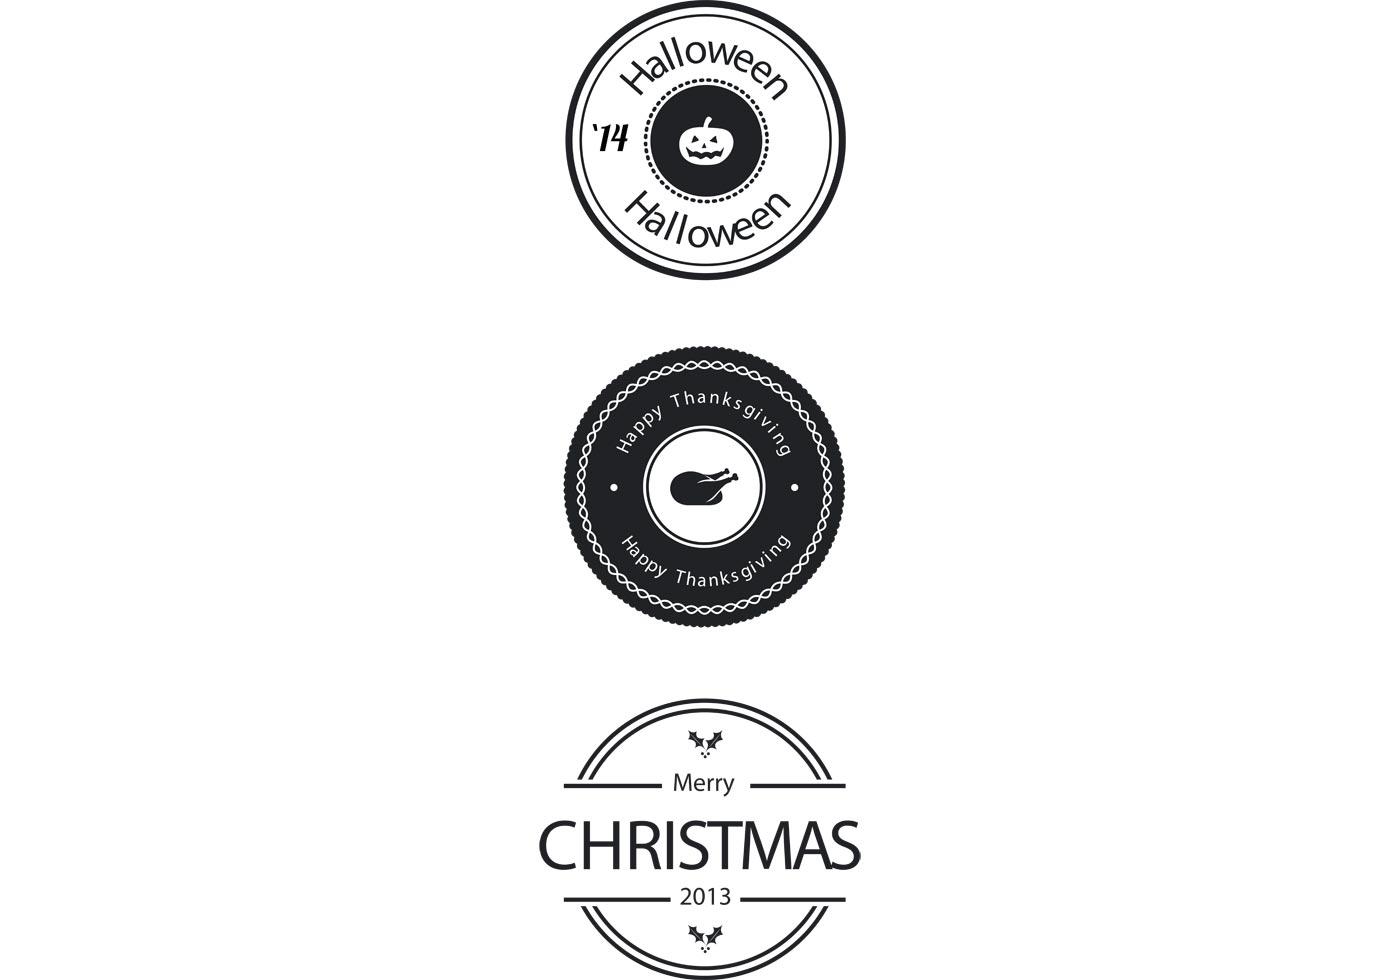 Free Holiday Badge Vectors